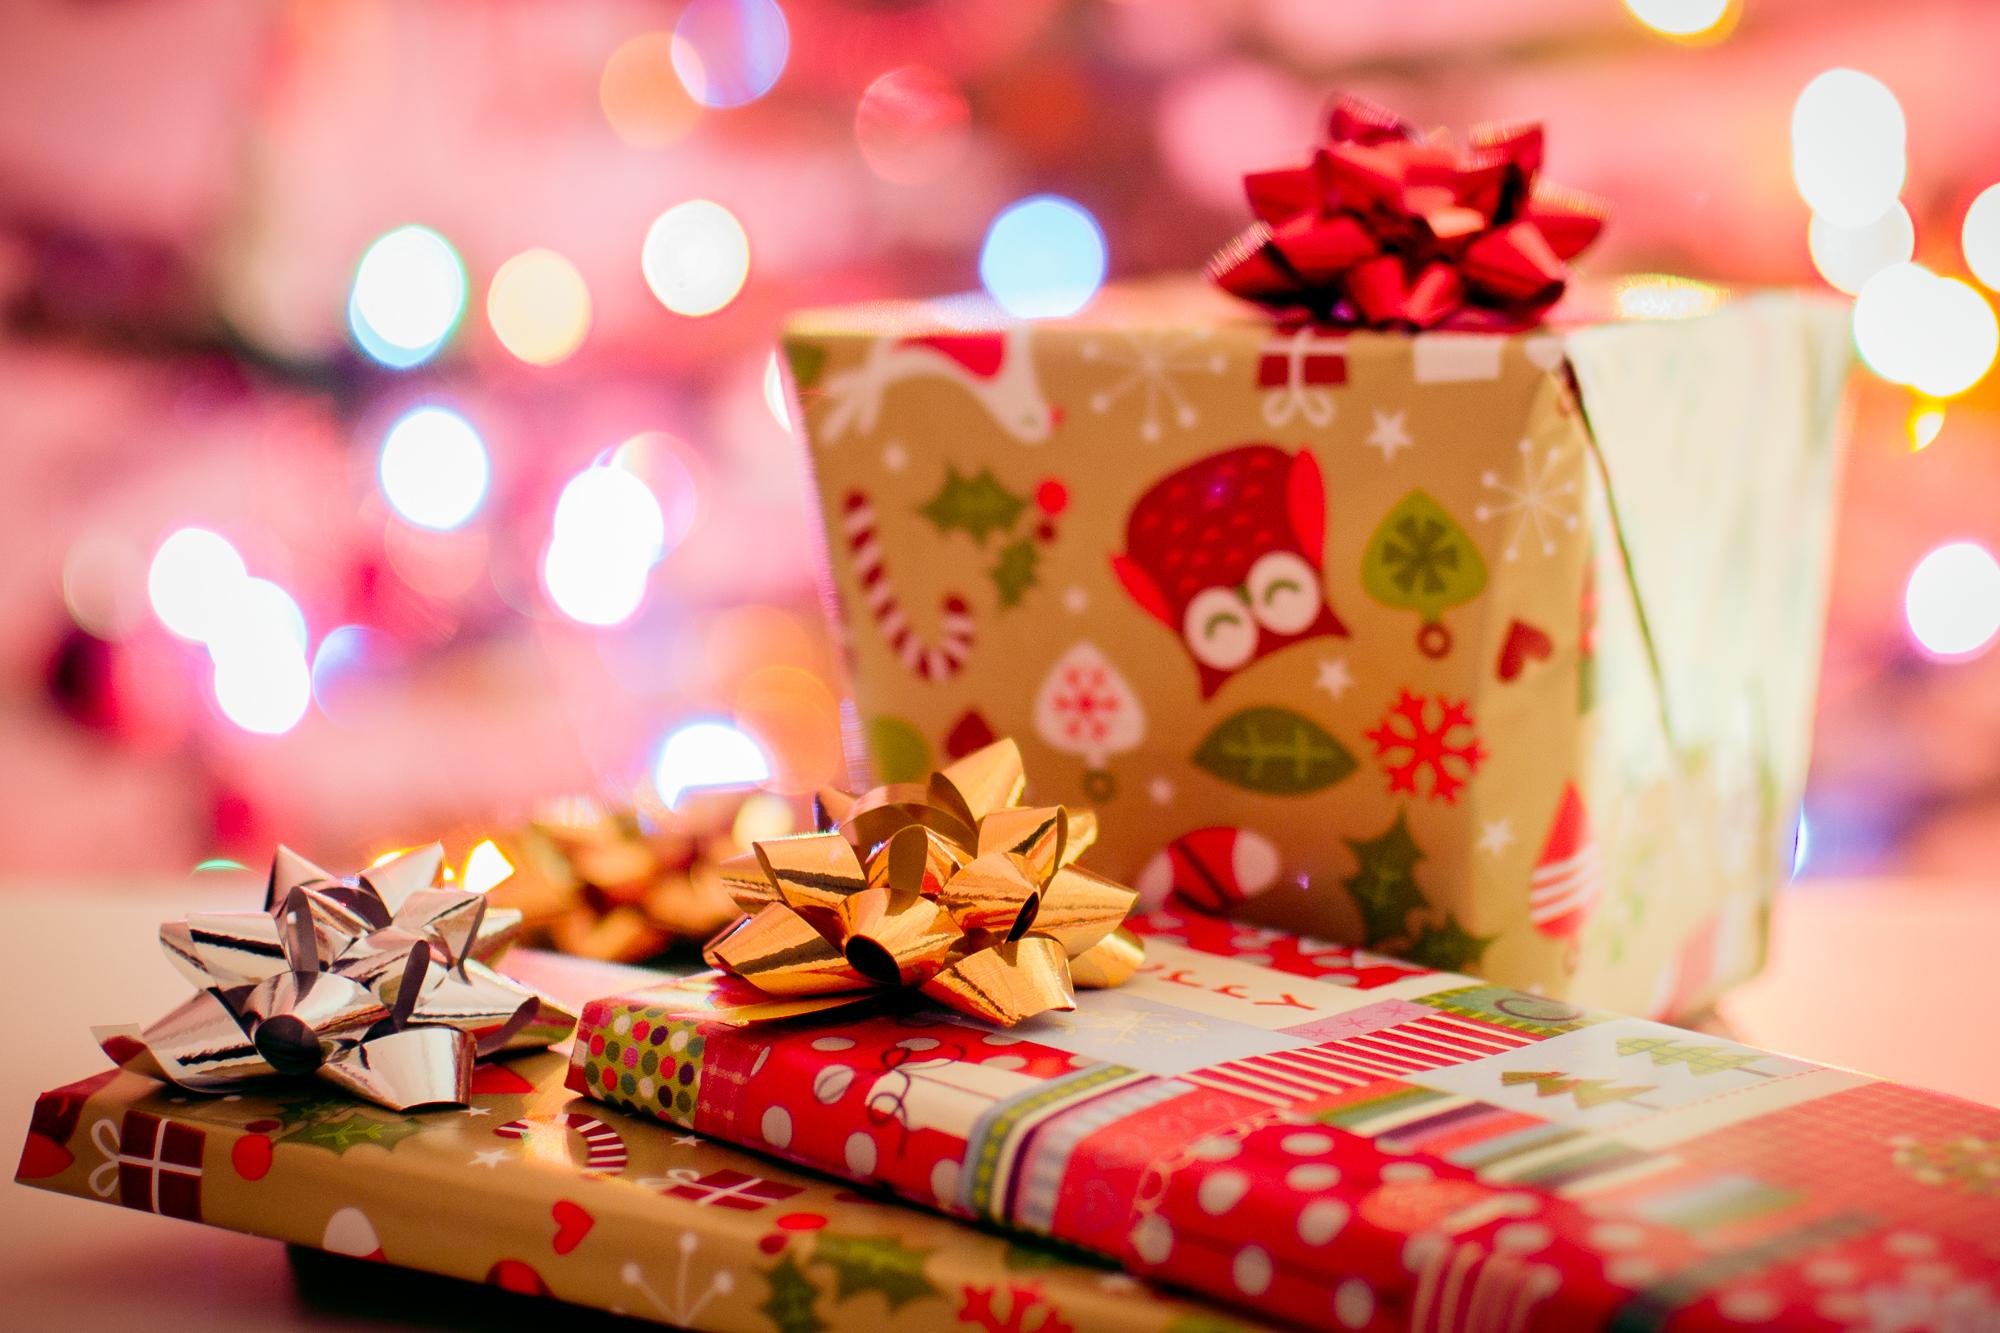 TOP 9 książek na Święta. Co warto przeczytać i podarować bliskim?